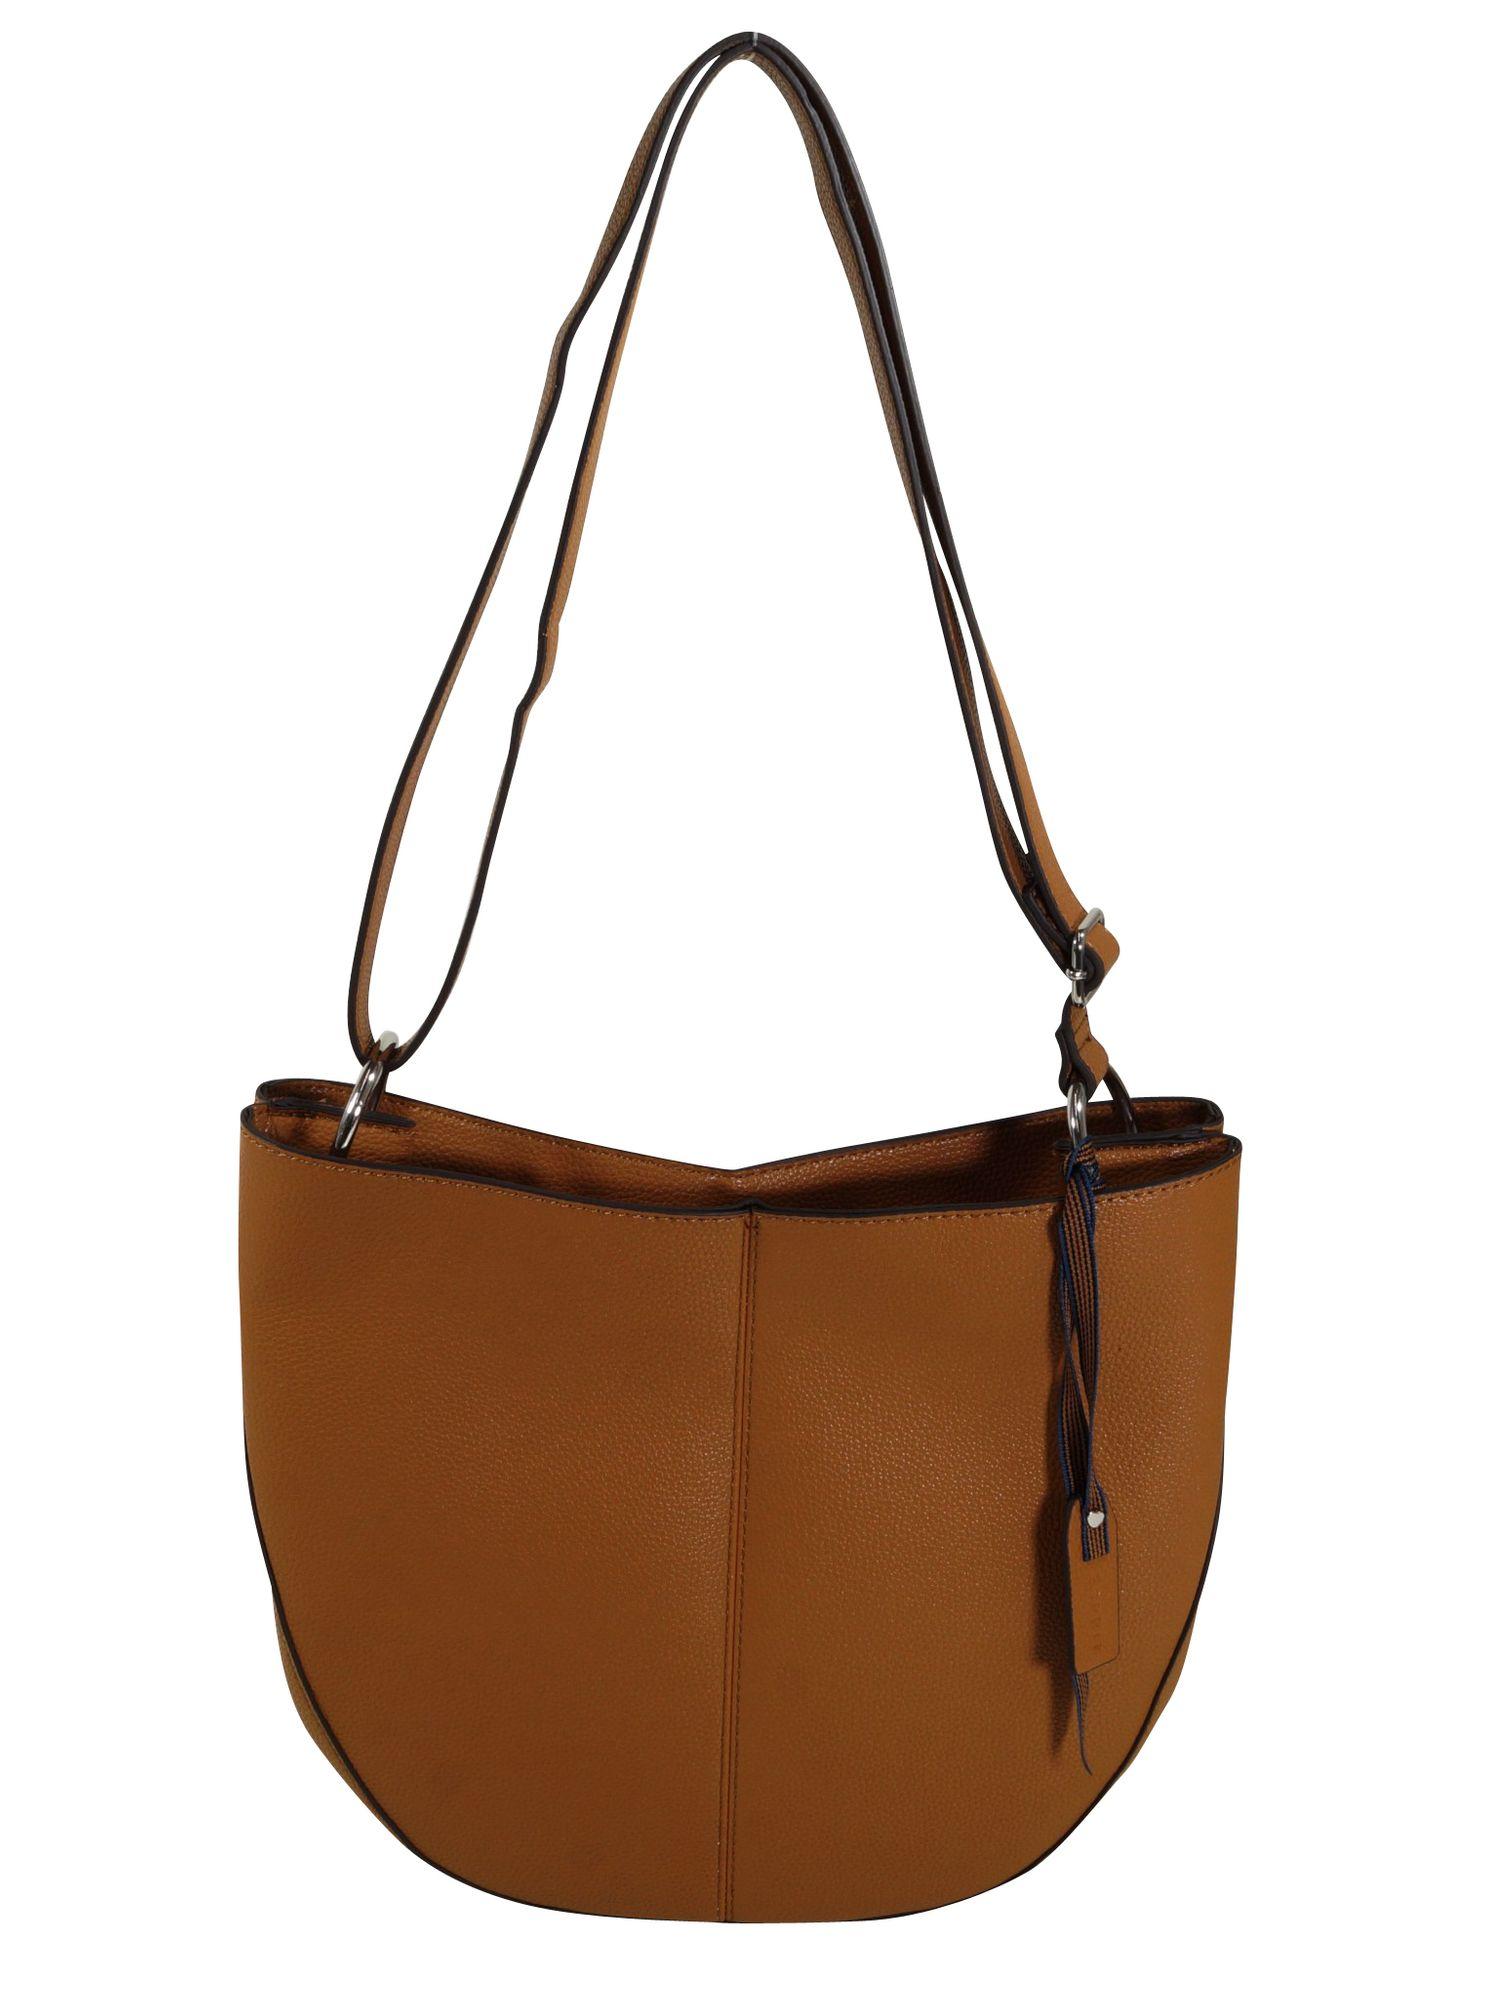 Esprit Damen Handtasche Tasche Schultertasche Nancy Shoulderbag Braun